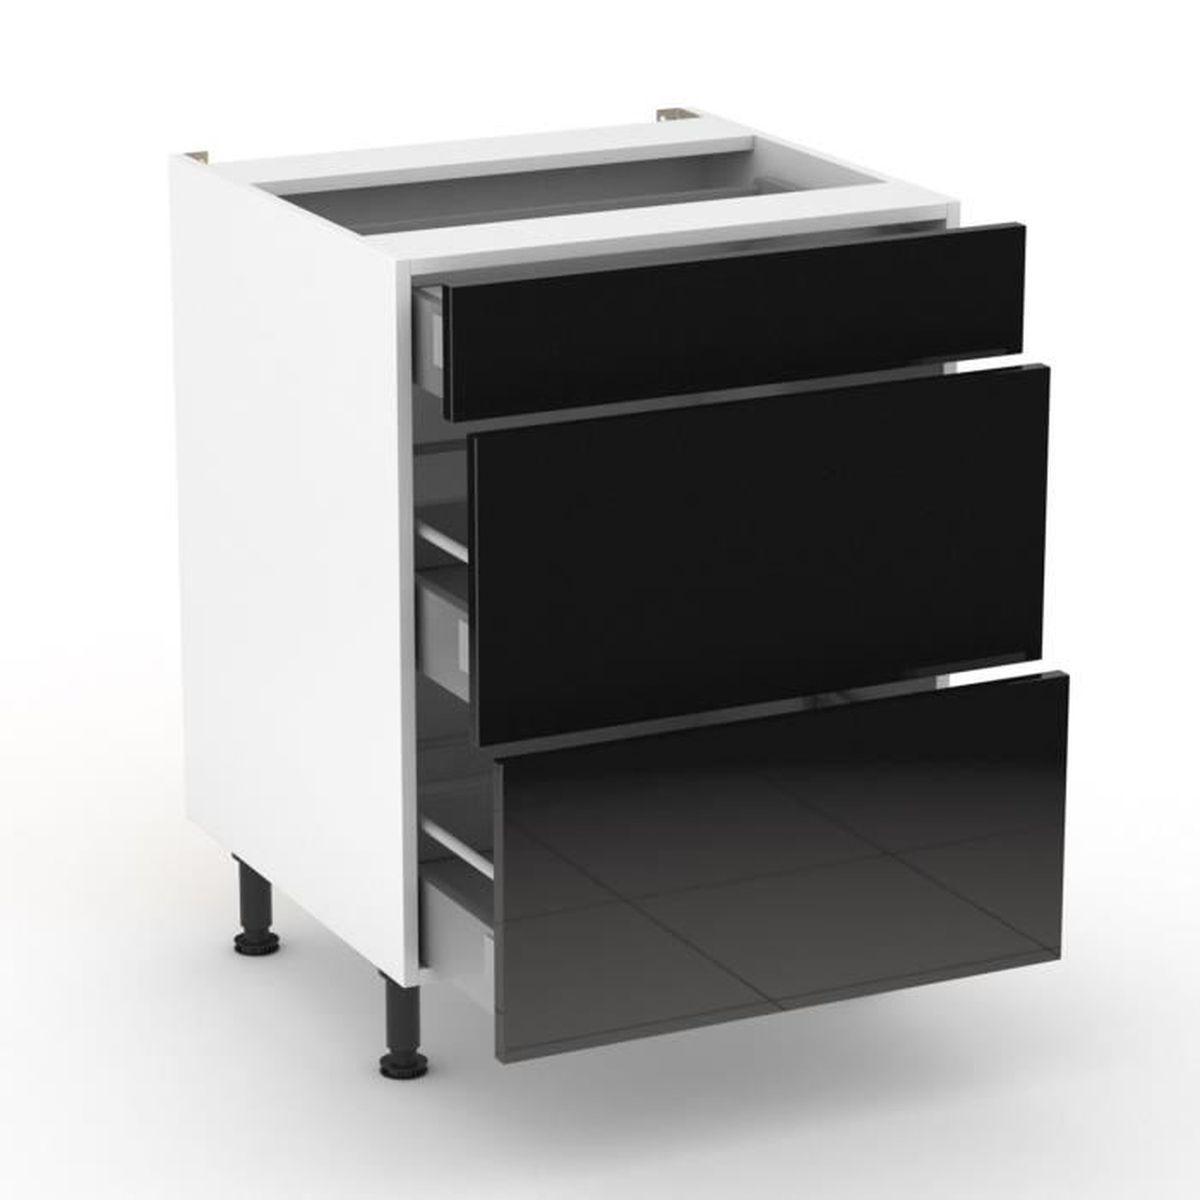 Rimini noir meuble de cuisine bas noir 1 tiroir 2 tiroirs casseroliers 60cm achat vente - Cuisine meuble noir ...